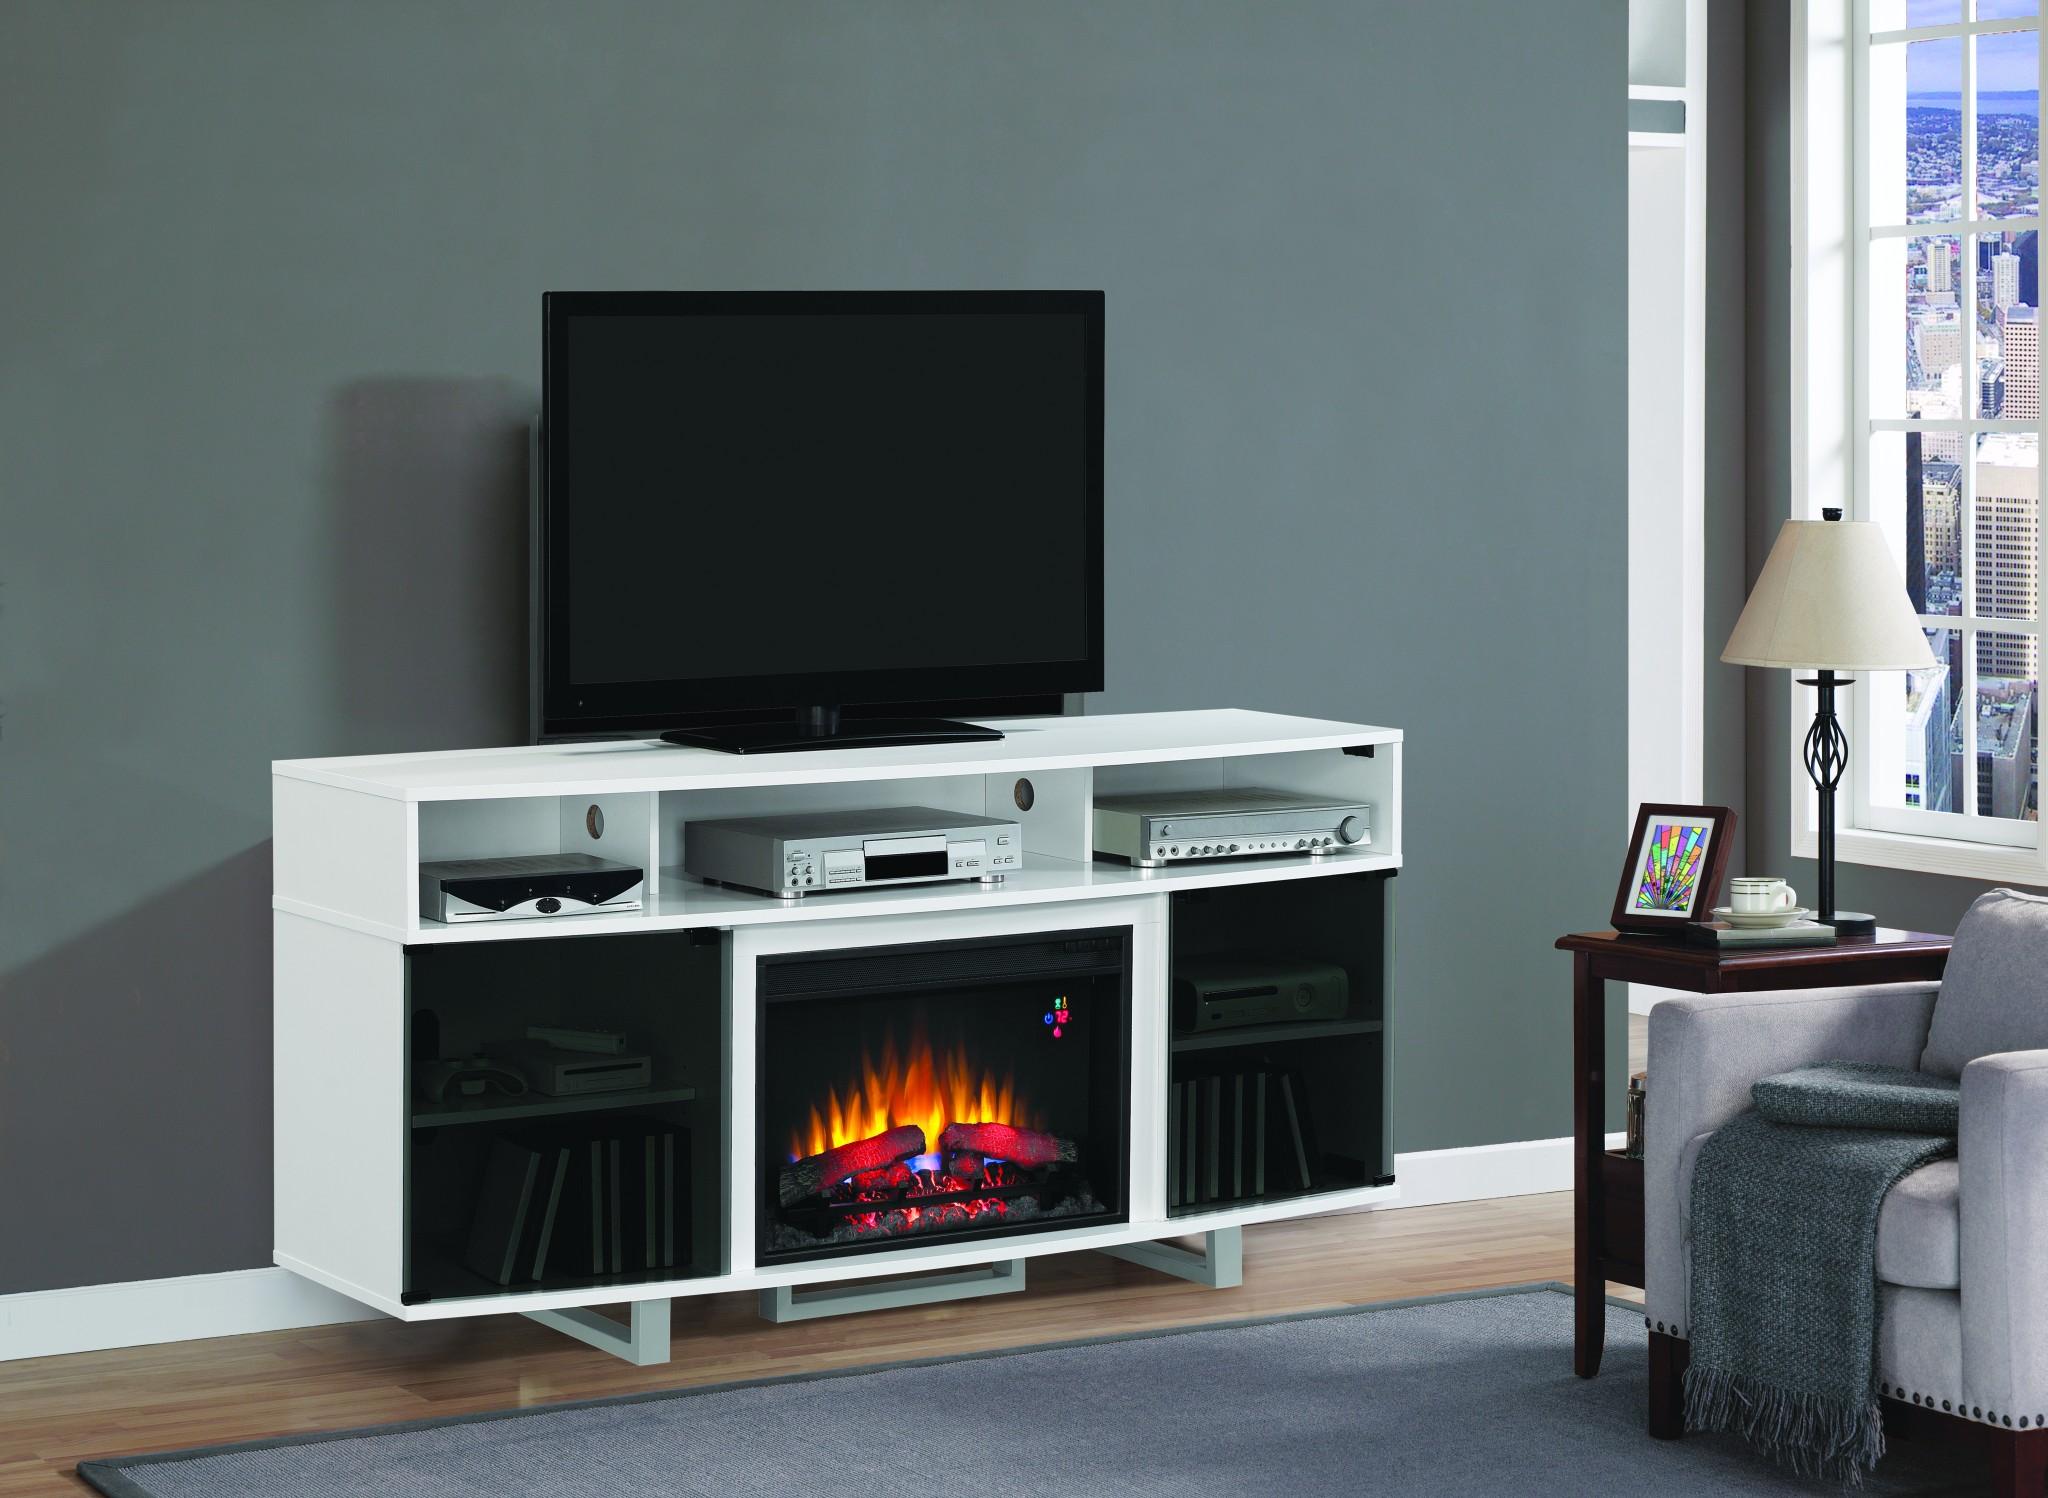 Sfeerhaard Tv Meubel : Tv meubel met haard de perfecte combinatie van een sfeerhaard in